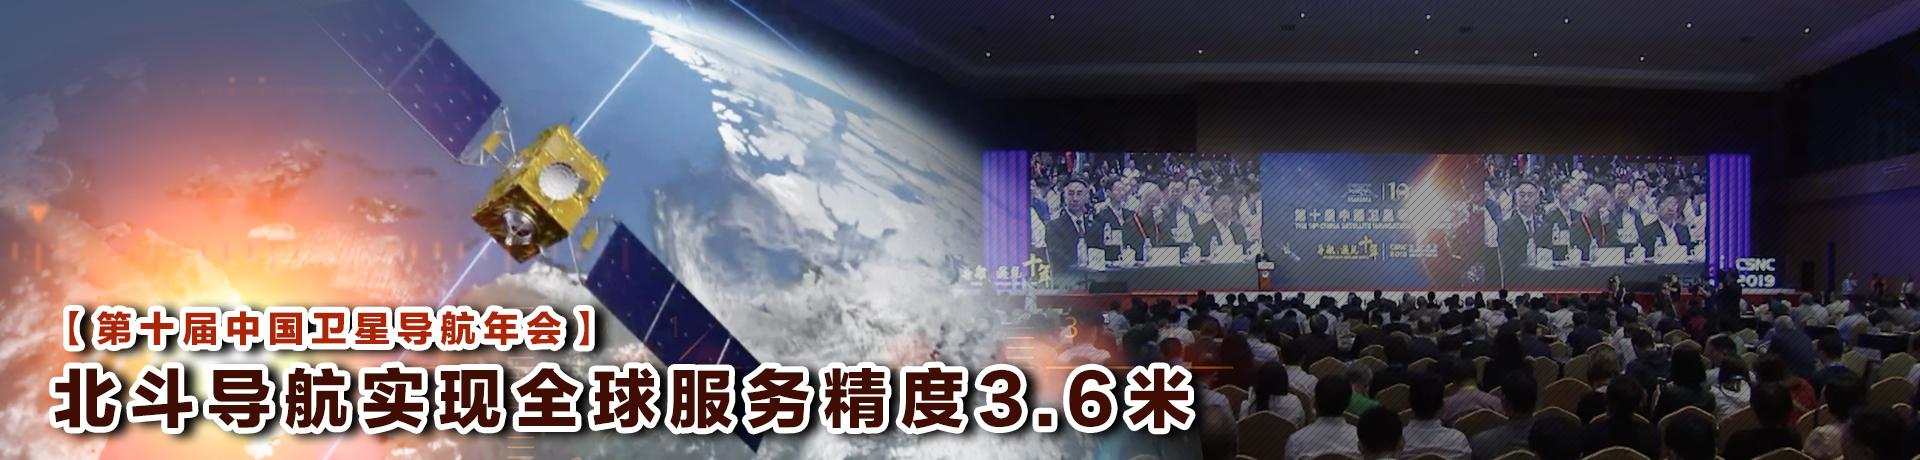 北斗导航实现全球服务精度3.6米